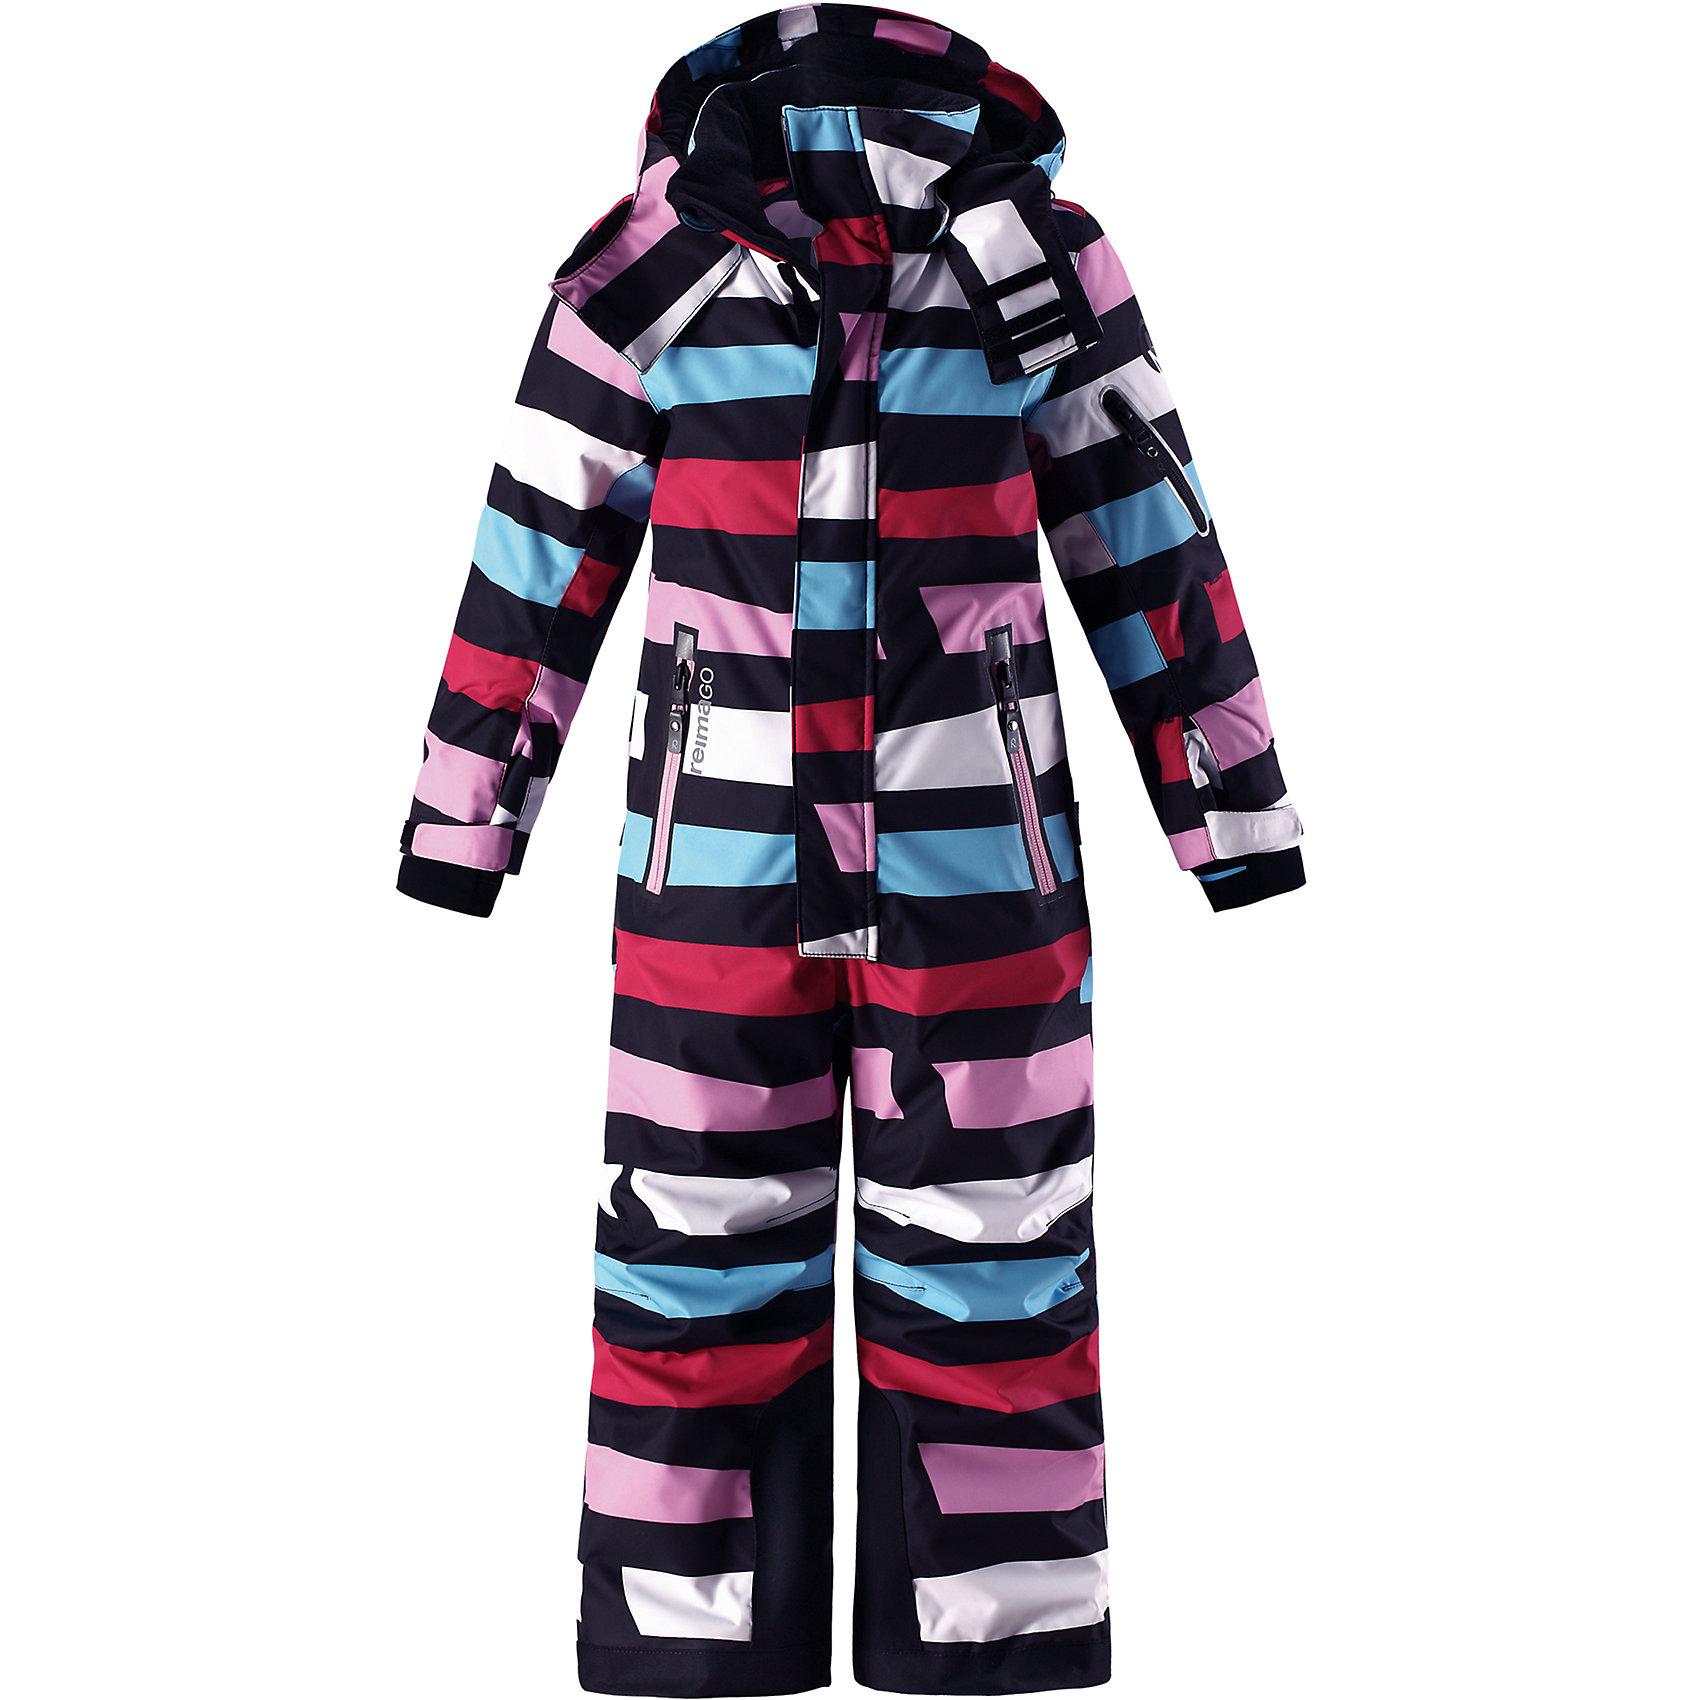 Комбинезон Reimatec® Reima ReachВерхняя одежда<br>Характеристики товара:<br><br>• цвет: мульти;<br>• состав: 100% полиэстер;<br>• подкладка: 100% полиэстер;<br>• утеплитель: 140 г/м2<br>• температурный режим: от 0 до -20С;<br>• сезон: зима; <br>• водонепроницаемость: 15000/12000 мм;<br>• воздухопроницаемость: 8000/7000 мм;<br>• износостойкость: 35000/80000 циклов (тест Мартиндейла);<br>• водо- и ветронепроницаемый, дышащий и грязеотталкивающий материал;<br>• прочные усиленные вставки внизу брючин;<br>• все швы проклеены и водонепроницаемы;<br>• гладкая подкладка из полиэстера;<br>• эластичные манжеты;<br>• застежка: молния с защитой подбородка;<br>• безопасный съемный и регулируемый капюшон на кнопках;<br>• регулируемые манжеты и внутренние манжеты из лайкры;<br>• регулируемый обхват талии;<br>• снегозащитные манжеты на штанинах;<br>• карманы на молнии, карман slipass на рукаве;<br>• кармана с креплением для сенсора ReimaGO®;<br>• светоотражающие детали;<br>• страна бренда: Финляндия;<br>• страна изготовитель: Китай.<br><br>Абсолютно непромокаемый и прочный детский зимний комбинезон Reimatec® с полностью проклеенными швами. Сверхпрочные усиления на концах брючин. Этот практичный комбинезон изготовлен из ветронепроницаемого и дышащего материала, поэтому вашему ребенку будет тепло и сухо, к тому же он не вспотеет. Комбинезон снабжен гладкой подкладкой из полиэстера. <br><br>В этом комбинезоне прямого кроя талия при необходимости легко регулируется, что позволяет подогнать комбинезон точно по фигуре. Кроме того, он снабжен регулируемыми манжетами и внутренними манжетами из лайкры. Съемный и регулируемый капюшон защищает от пронизывающего ветра, а еще он безопасен во время игр на свежем воздухе. Кнопки легко отстегиваются, если капюшон случайно за что-нибудь зацепится. <br><br>Два кармана на молнии, карман для лыжной карты и специальный карман для сенсора ReimaGO®. Материал имеет грязеотталкивающую поверхность, и при этом его можно сушить в сушильной машине. Светоотража